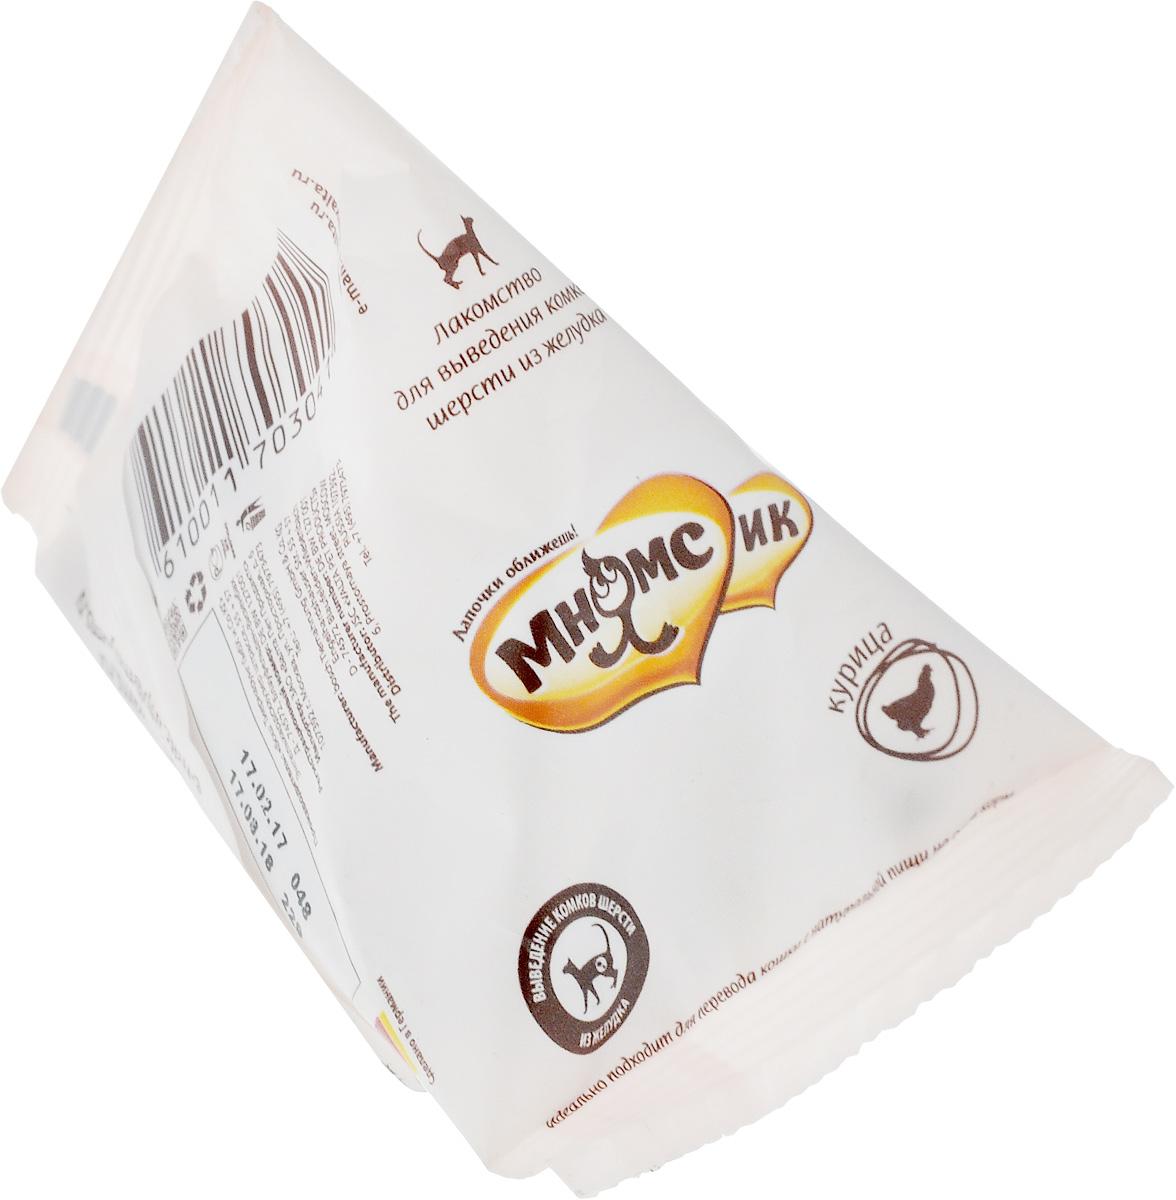 Лакомство МнямсИК, для выведения комков шерсти из желудка, 20 г703041Полезные компоненты, входящие в состав невероятно вкусного лакомства МнямсИК, способствуют выведению комков шерсти из желудка. Состав: мясо и мясные субпродукты (20% свежей птицы), производные растительного происхождения (4% целлюлозы, 0,5% подорожника), масла и жиры, яйца и производные яиц, минералы, дрожжи, фрукты, моллюски и ракообразные. Анализ состава: сырой белок 30%, жир 21,5%, сырая клетчатка 5,5%, сырая зола 6,5%. Пищевые добавки: витамин А 16750 МЕ/кг, витамин D3 1450 МЕ/кг, витамин Е 145 мг/кг, медь 10 мг/кг, цинк 30 мг/кг, цинк 95 мг/кг), йод 2 мг/кг, селен 0,2 мг/кг, таурин 1900 мг/кг. Товар сертифицирован.